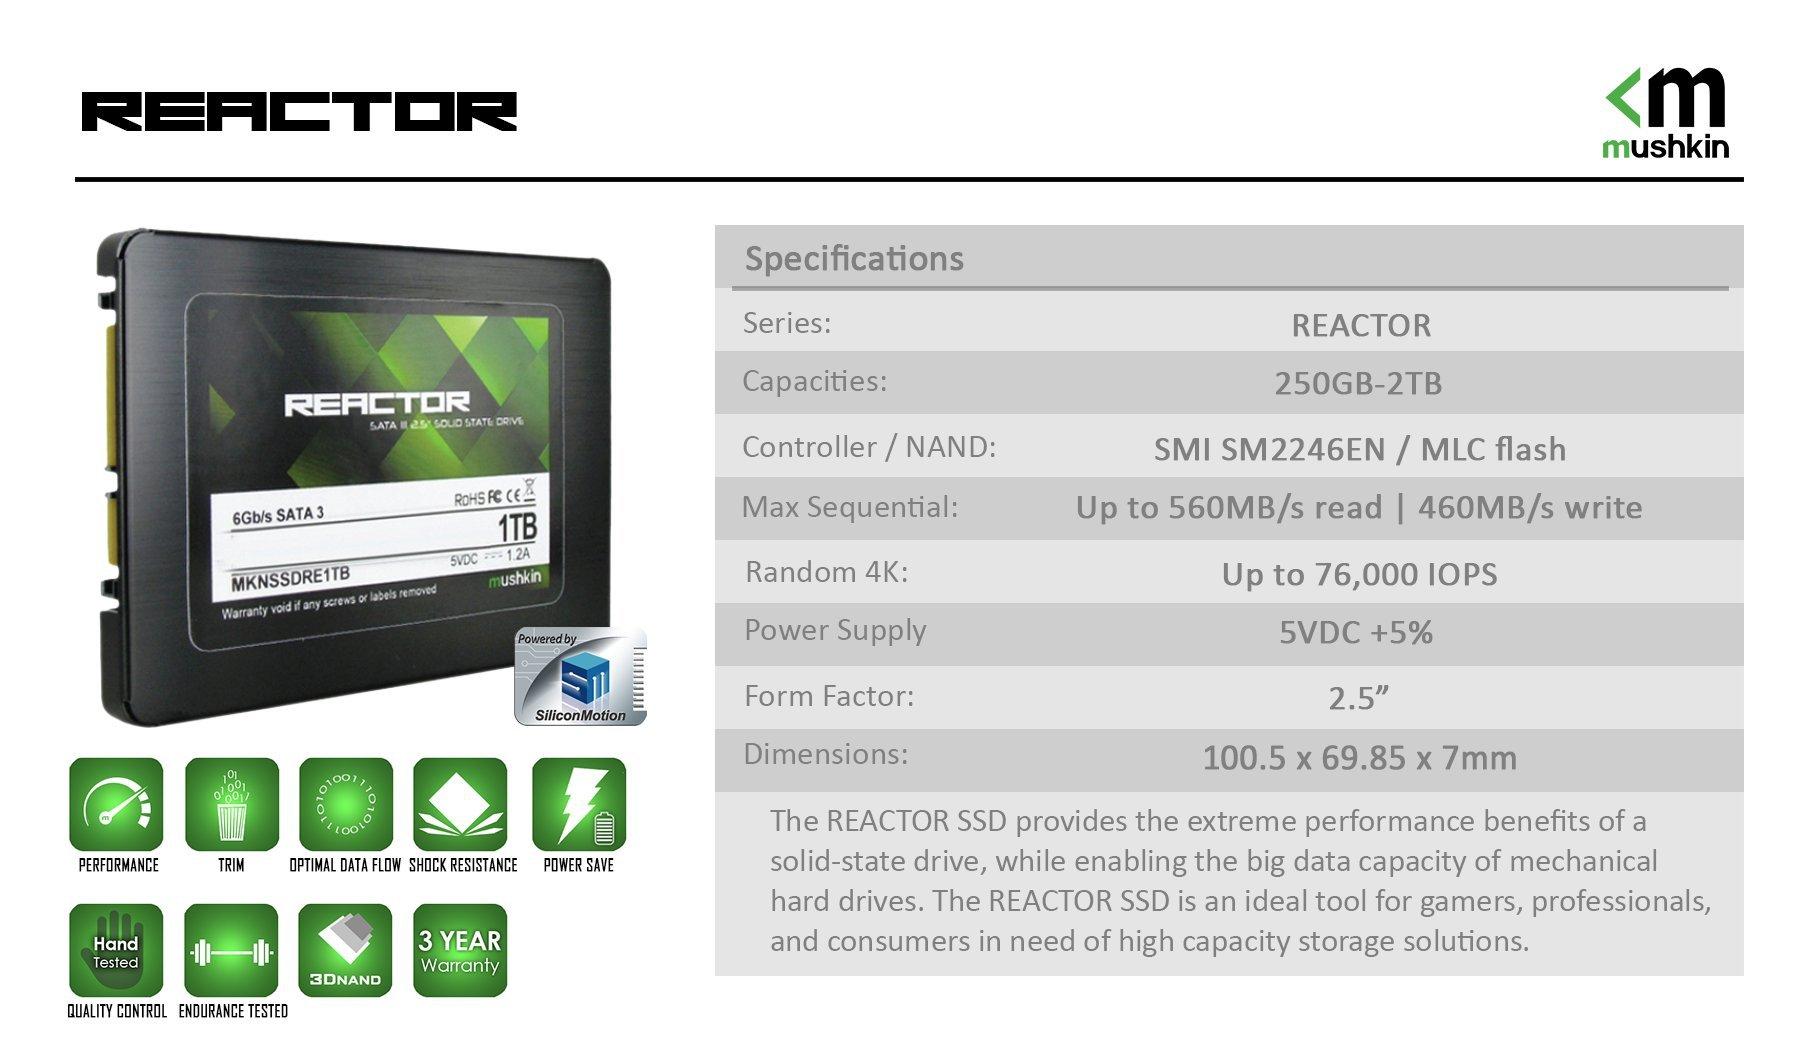 Mushkin REACTOR 256GB Internal Solid State Drive (SSD) - 2.5 Inch - SATA III - 6Gb/s - MLC - 7mm - MKNSSDRE256GB